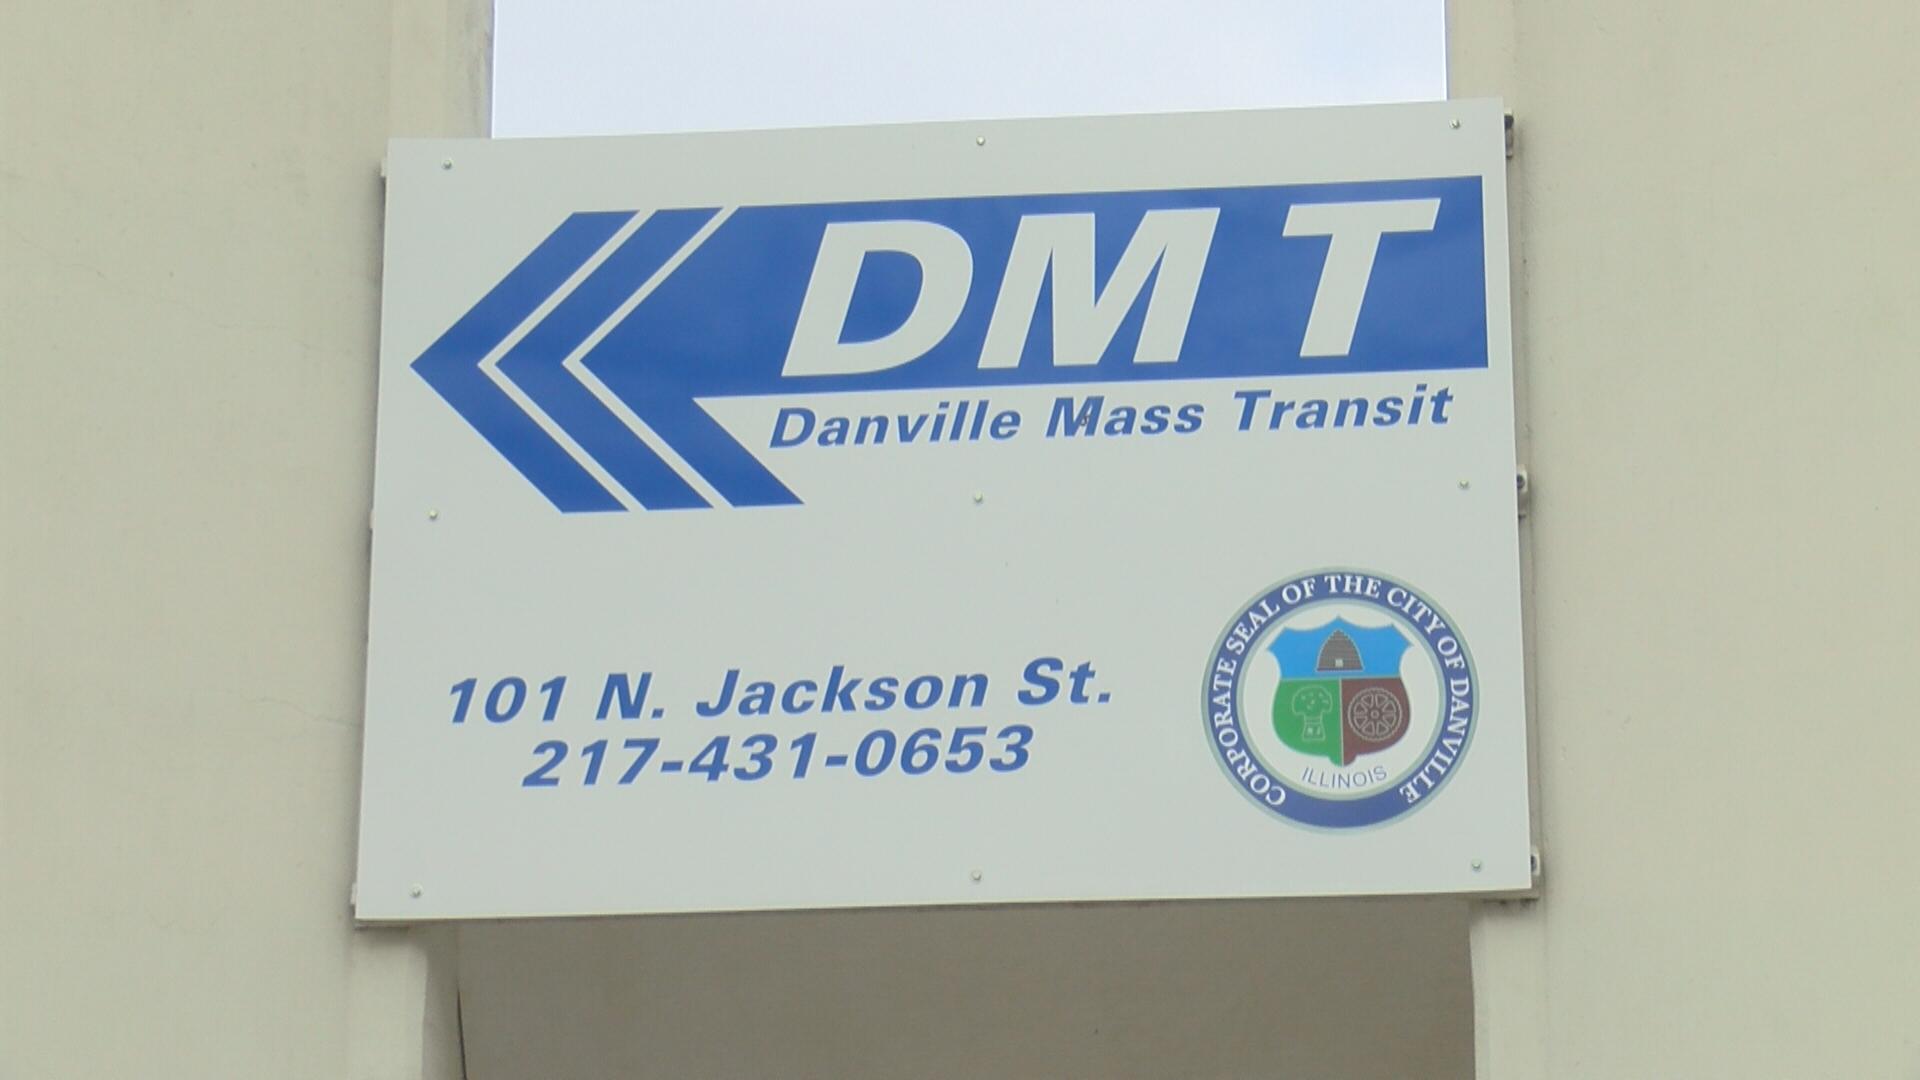 dmt danville mass transit_1518820974612.jpg.jpg